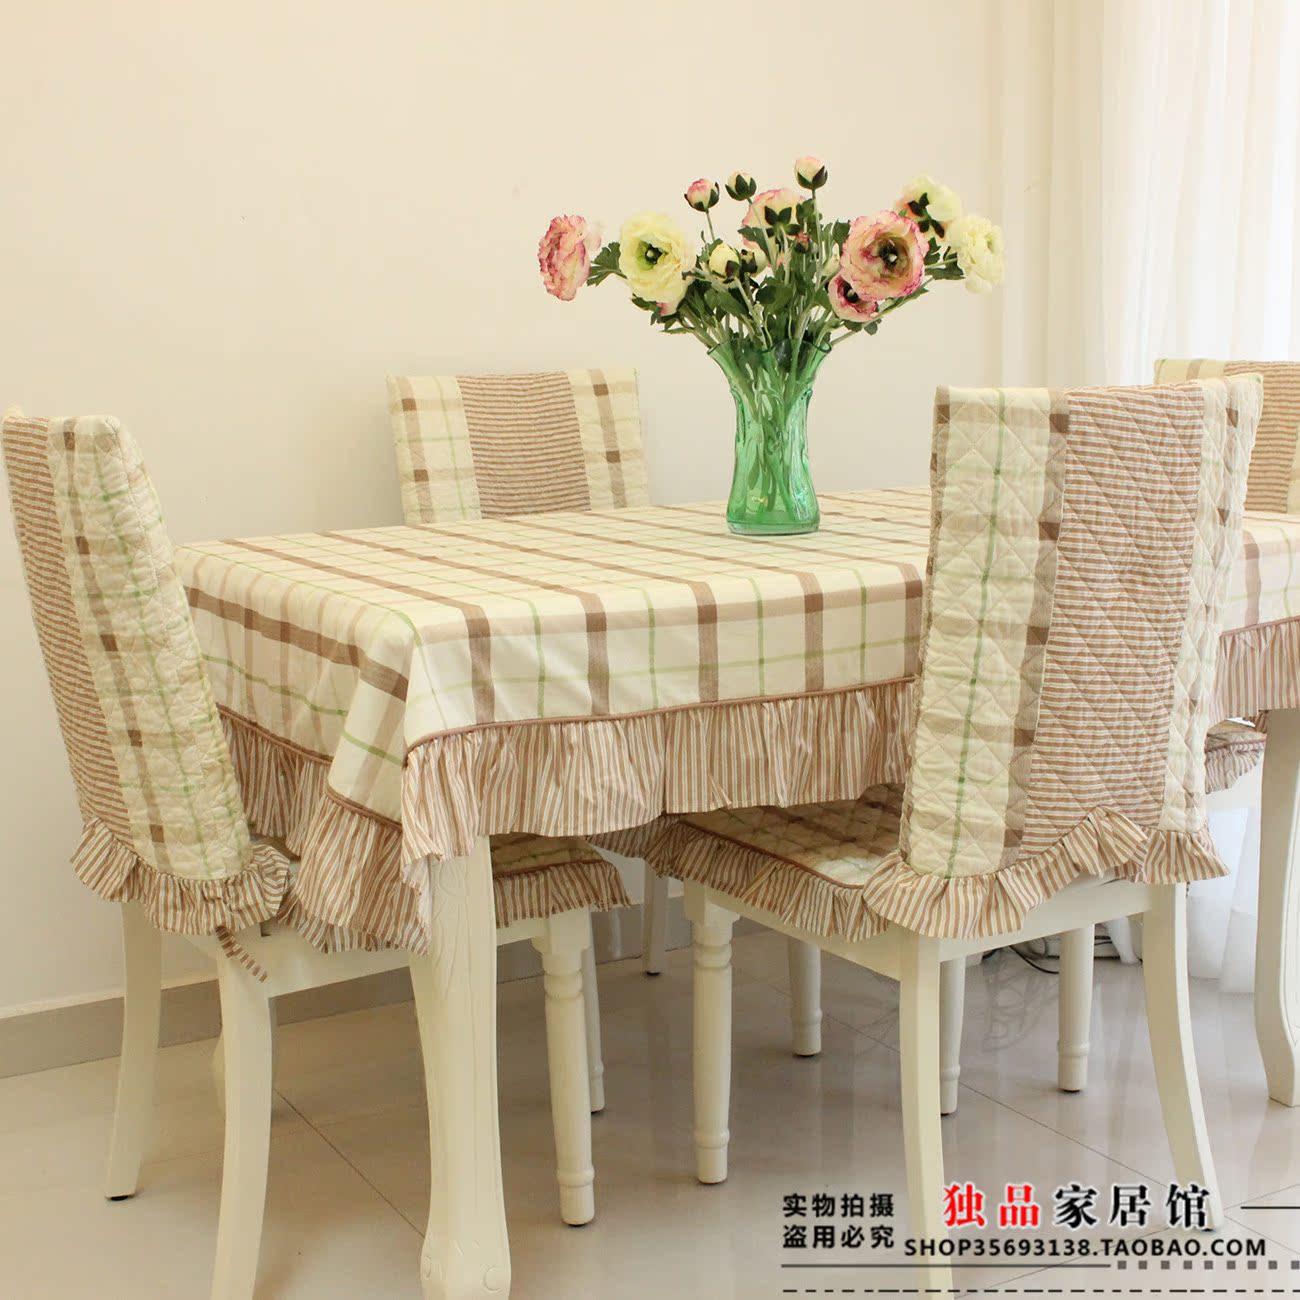 赛丽尔 简约格调全棉桌布台布 椅子垫椅套布艺 茶几布桌布桌旗